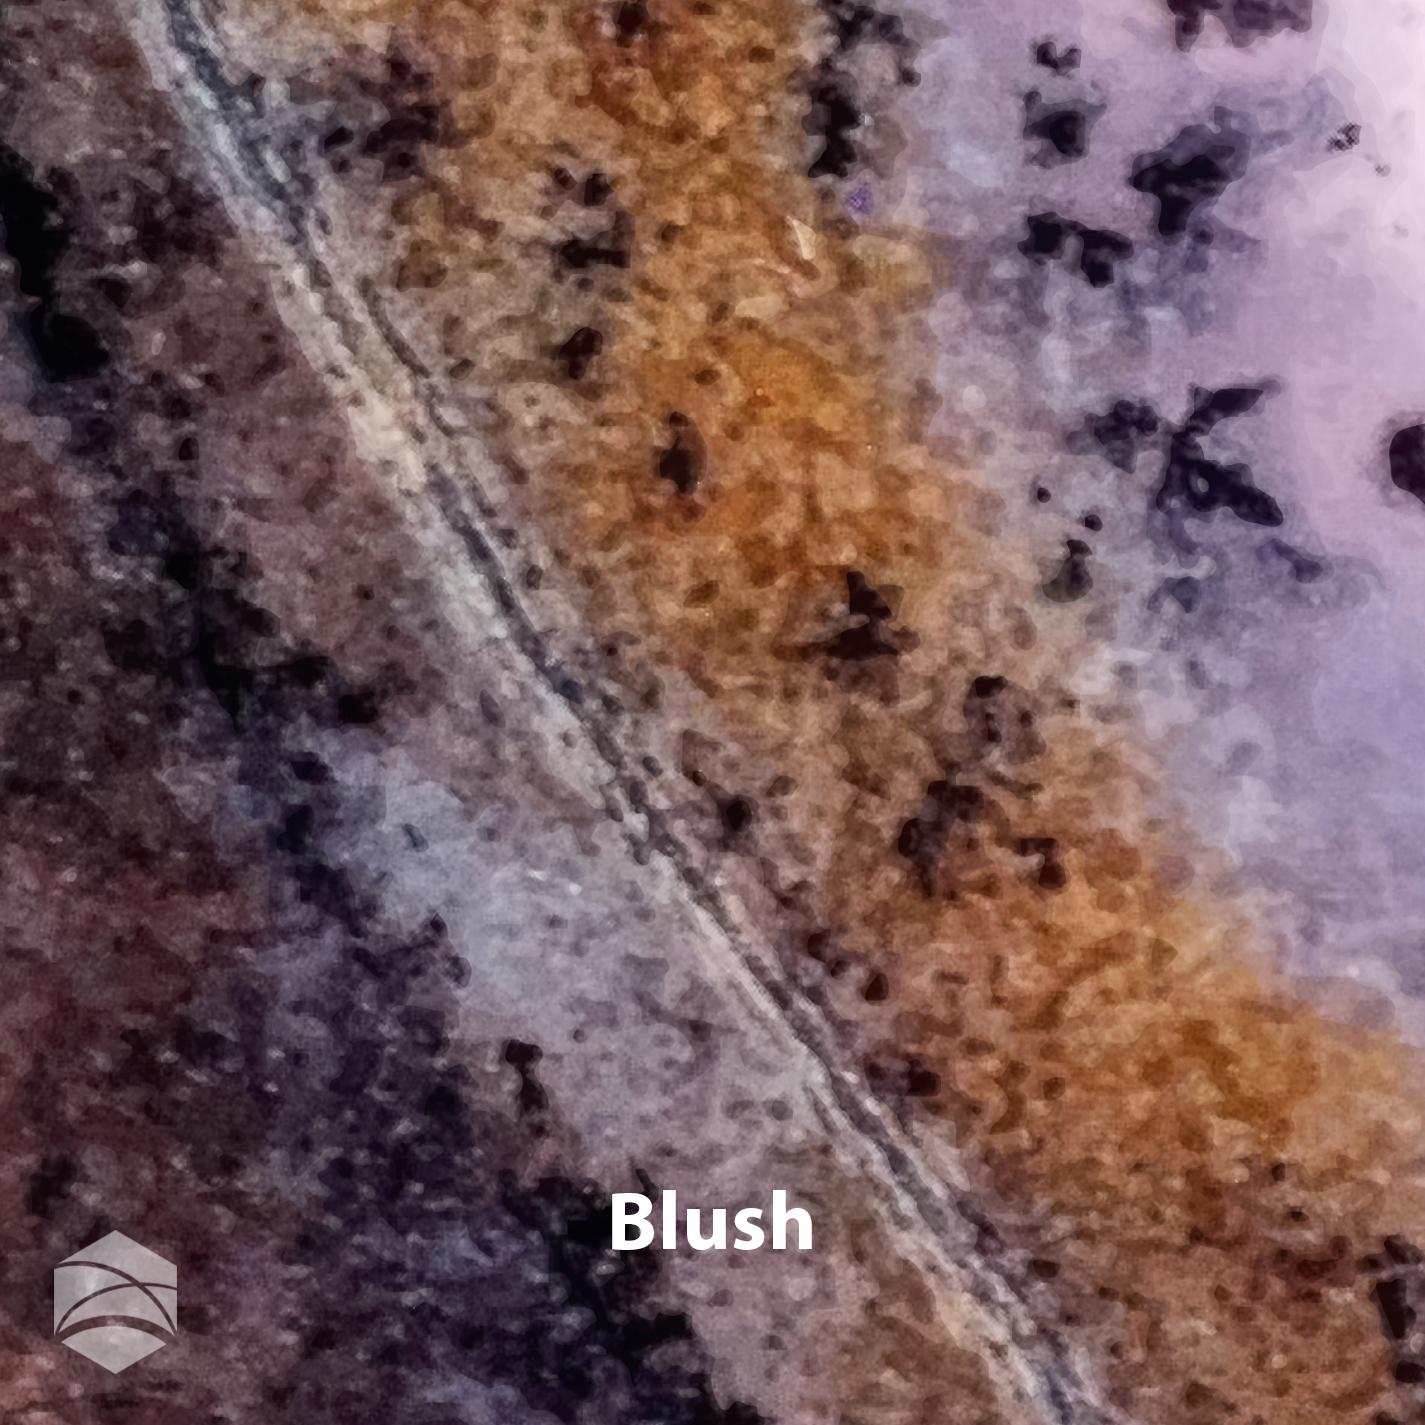 Blush_V2_14x14.jpg